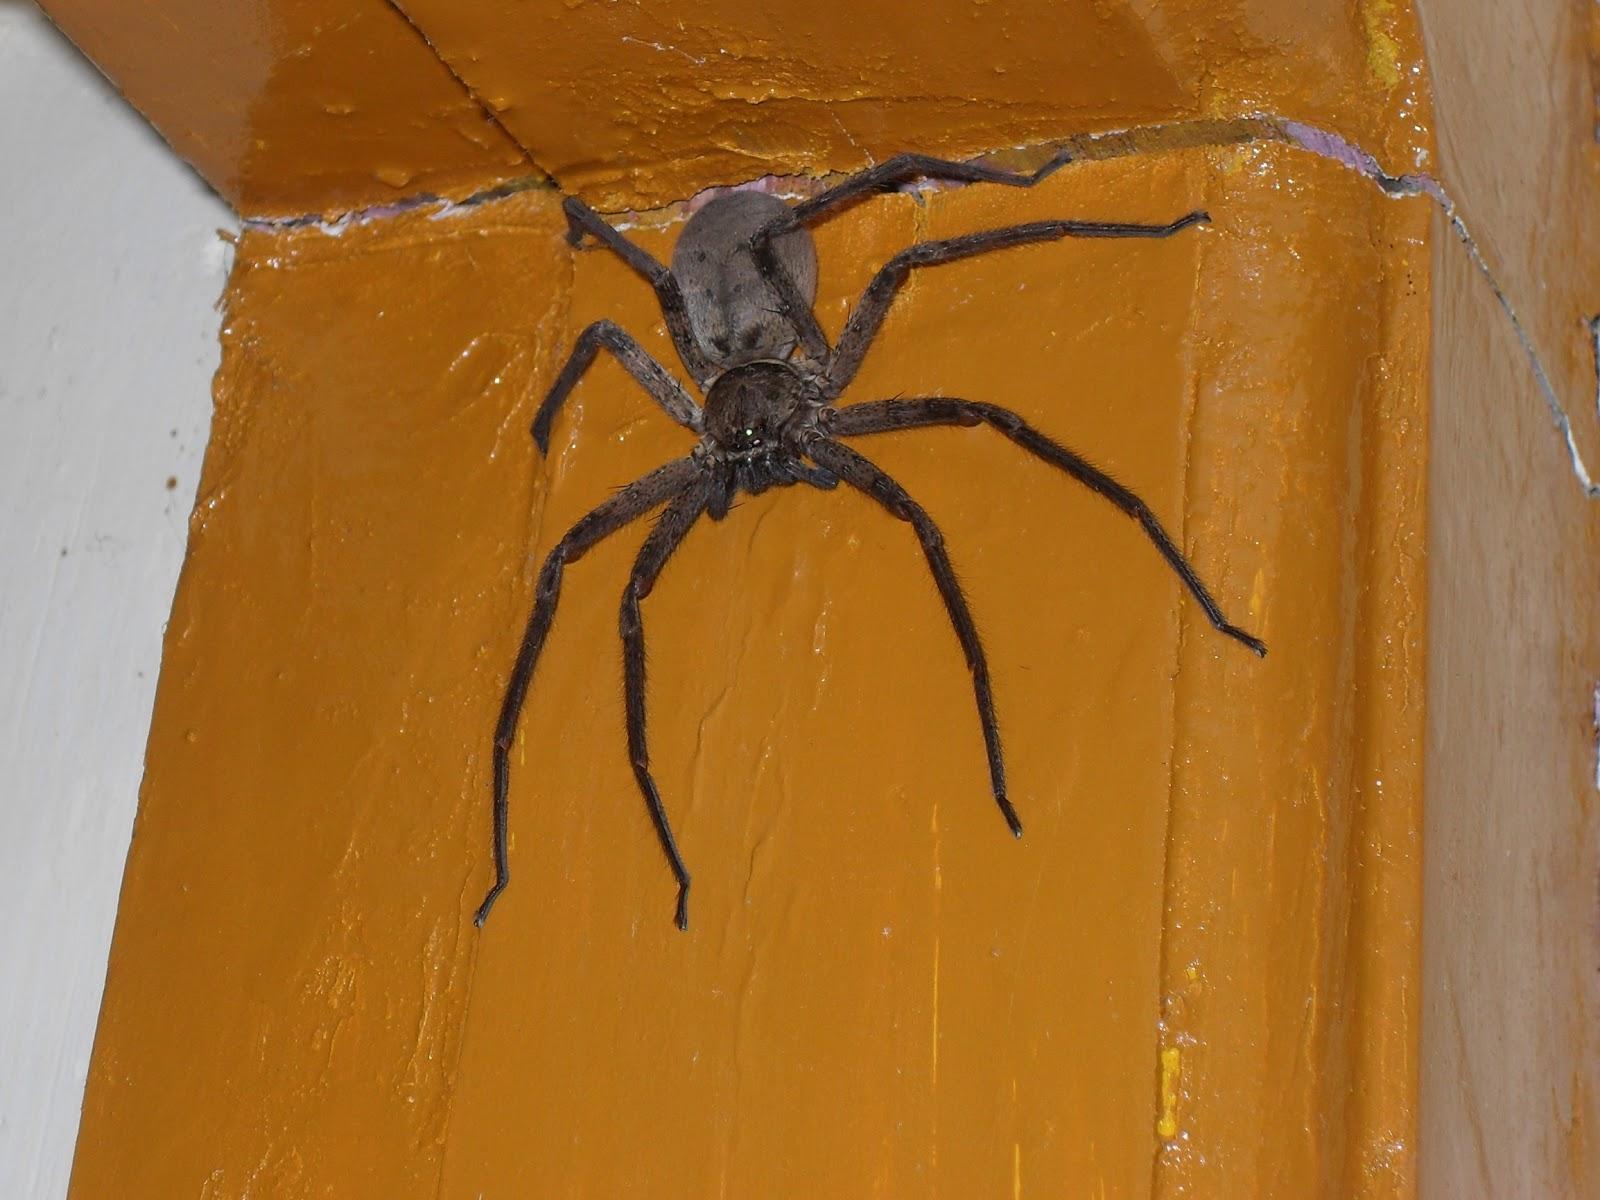 к чему снится большой черный паук в кровати